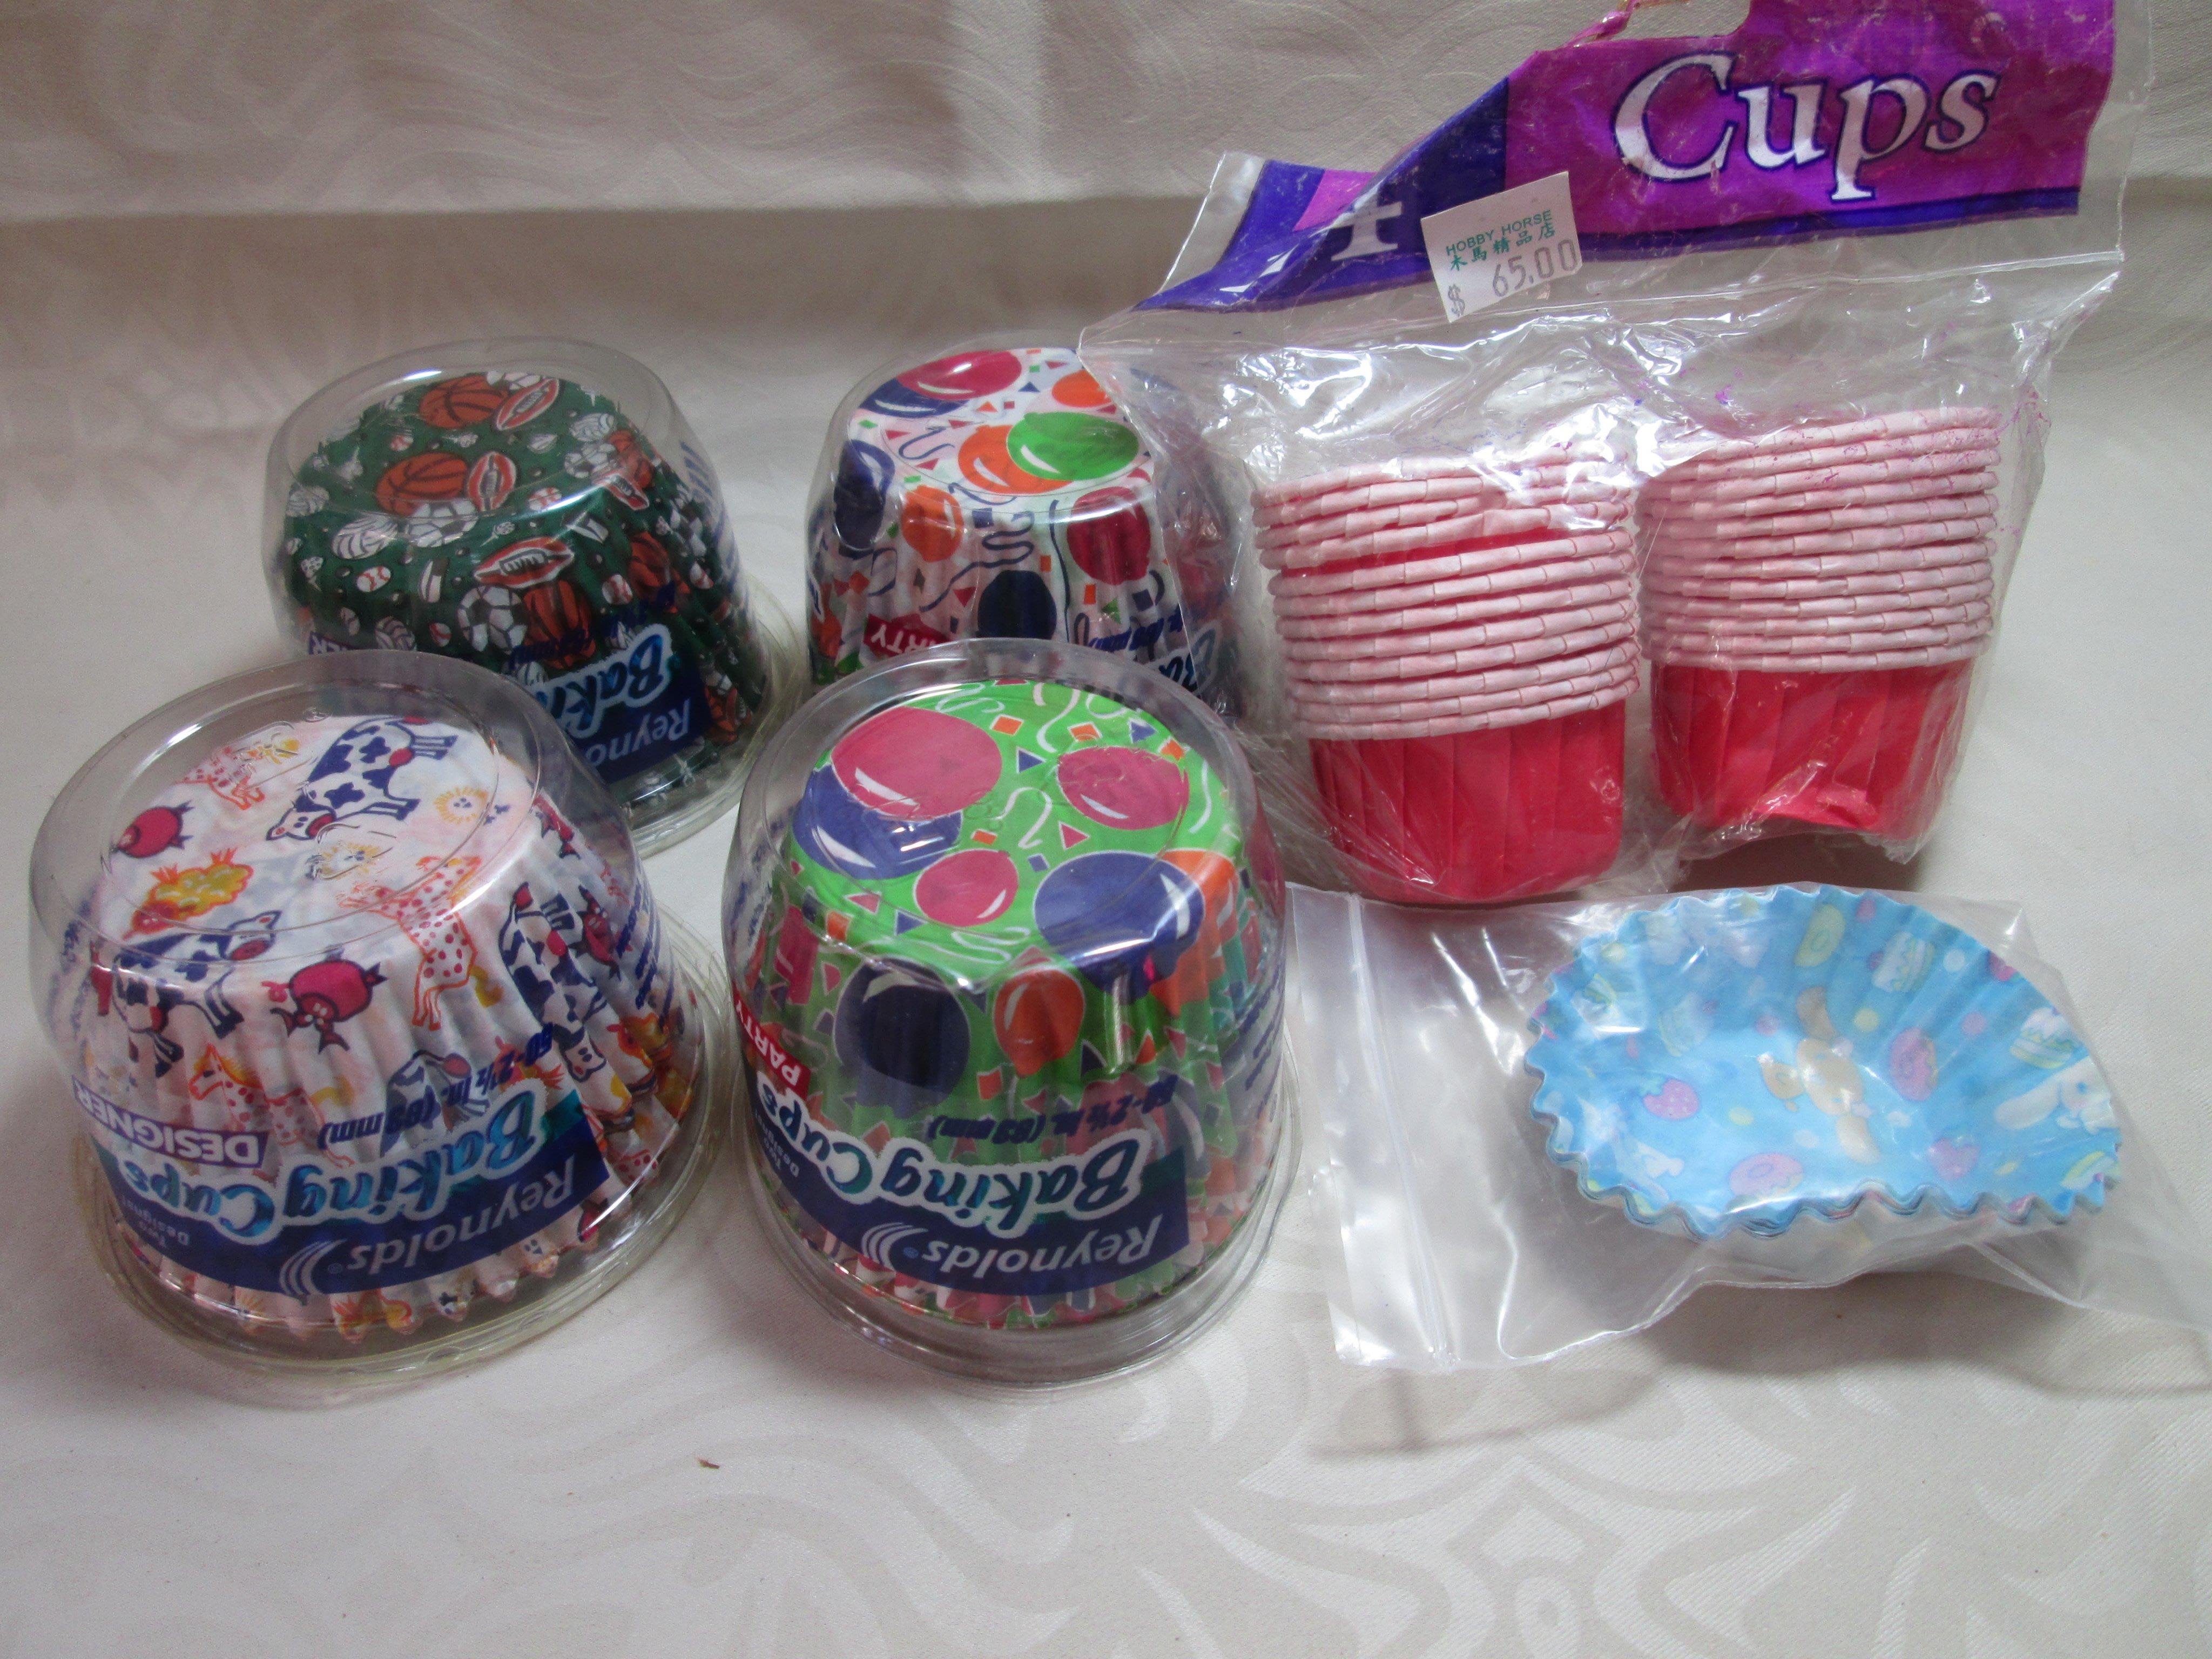 彩色烘焙紙杯 美國製 Reynolds 氣球 動物 運動 布丁狗 馬芬杯子蛋糕烤杯 烤模 油力士紙 215入